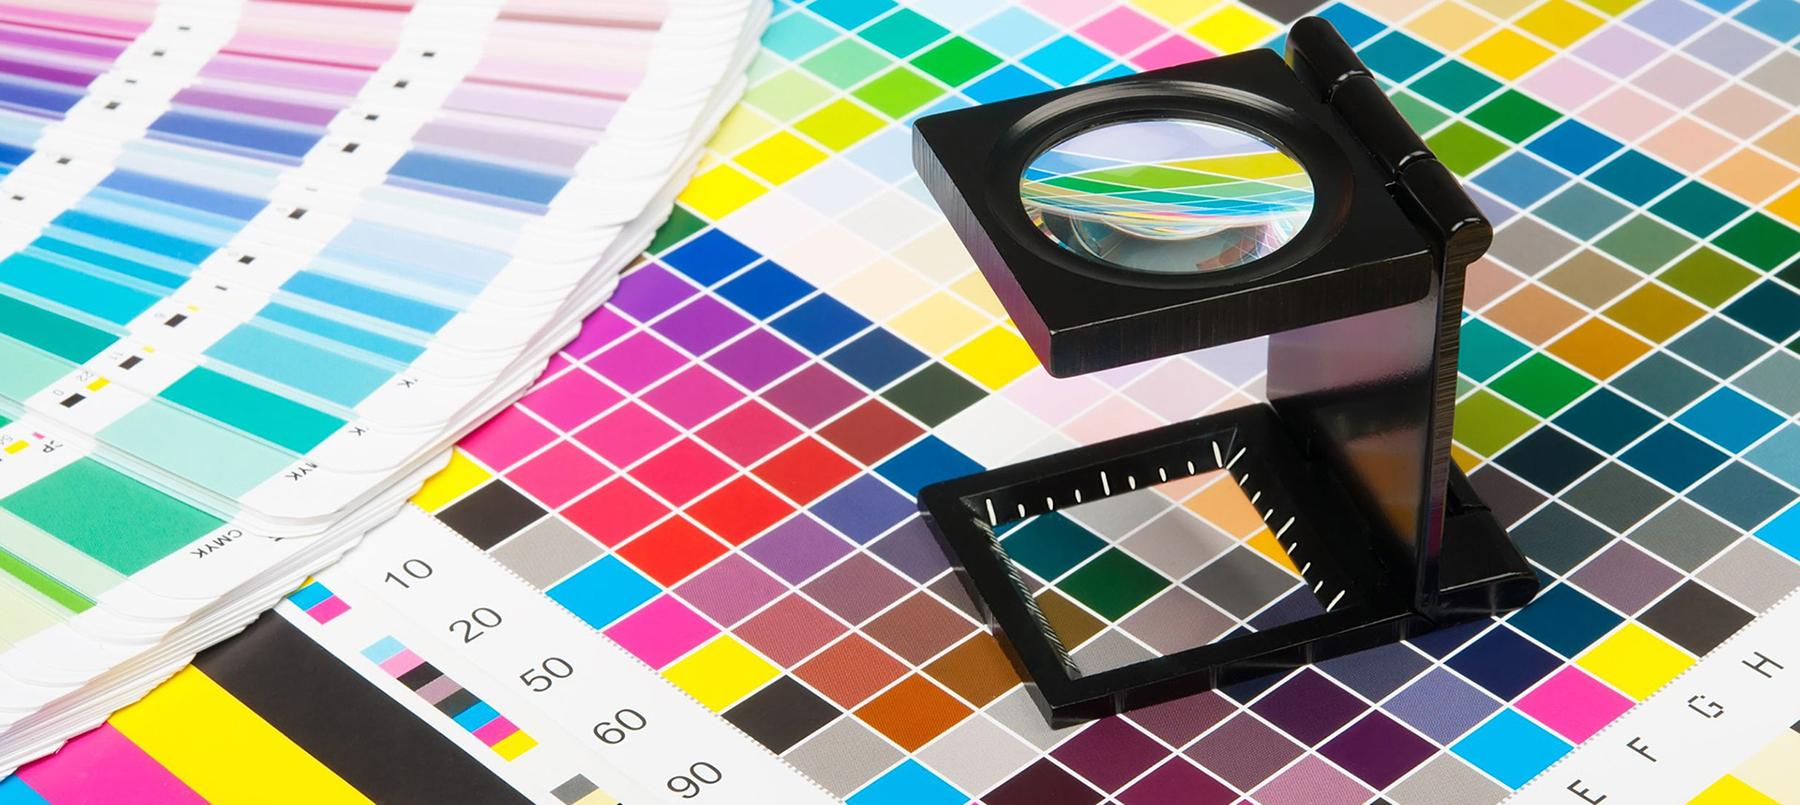 printing paraphernalia